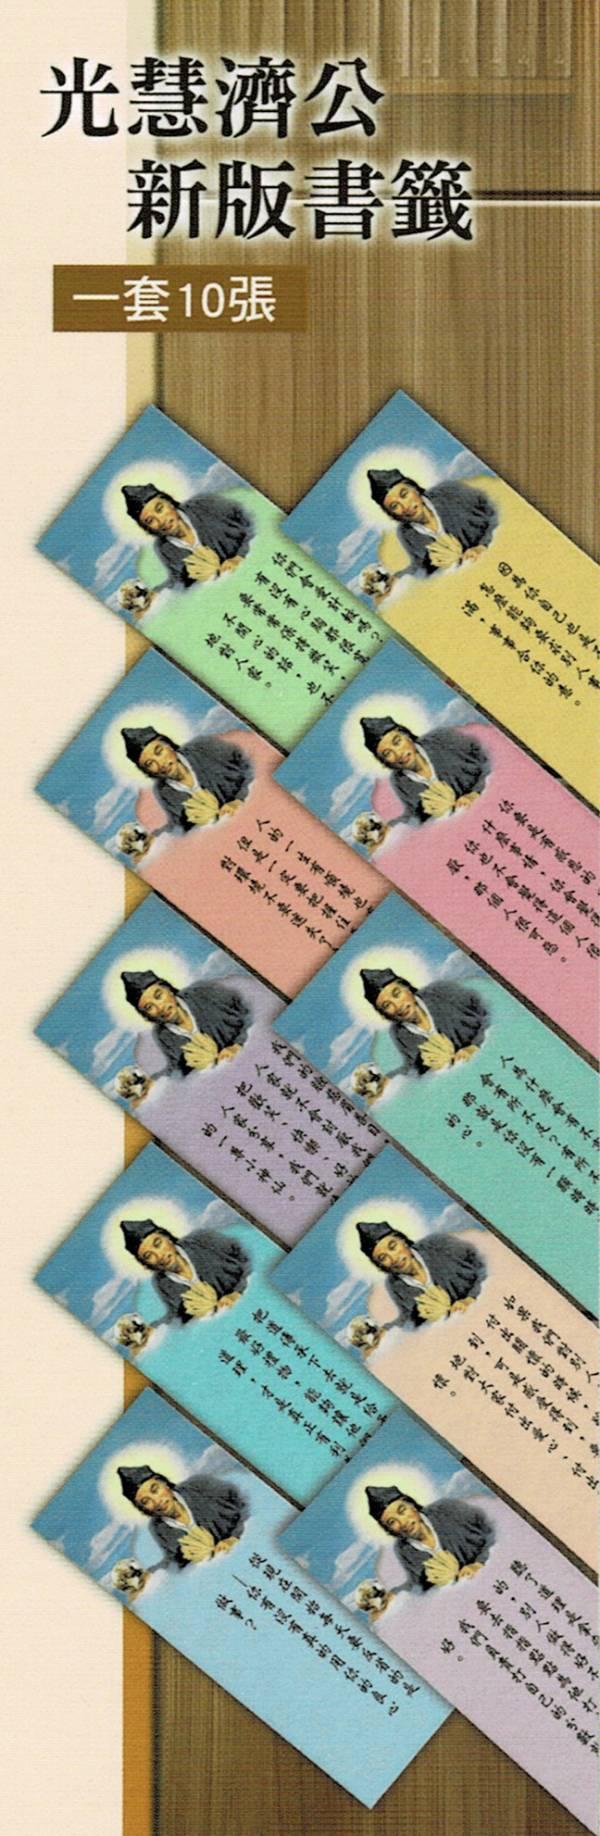 濟公活佛智慧小卡(1包10張/全套100張)  濟公活佛智慧小卡